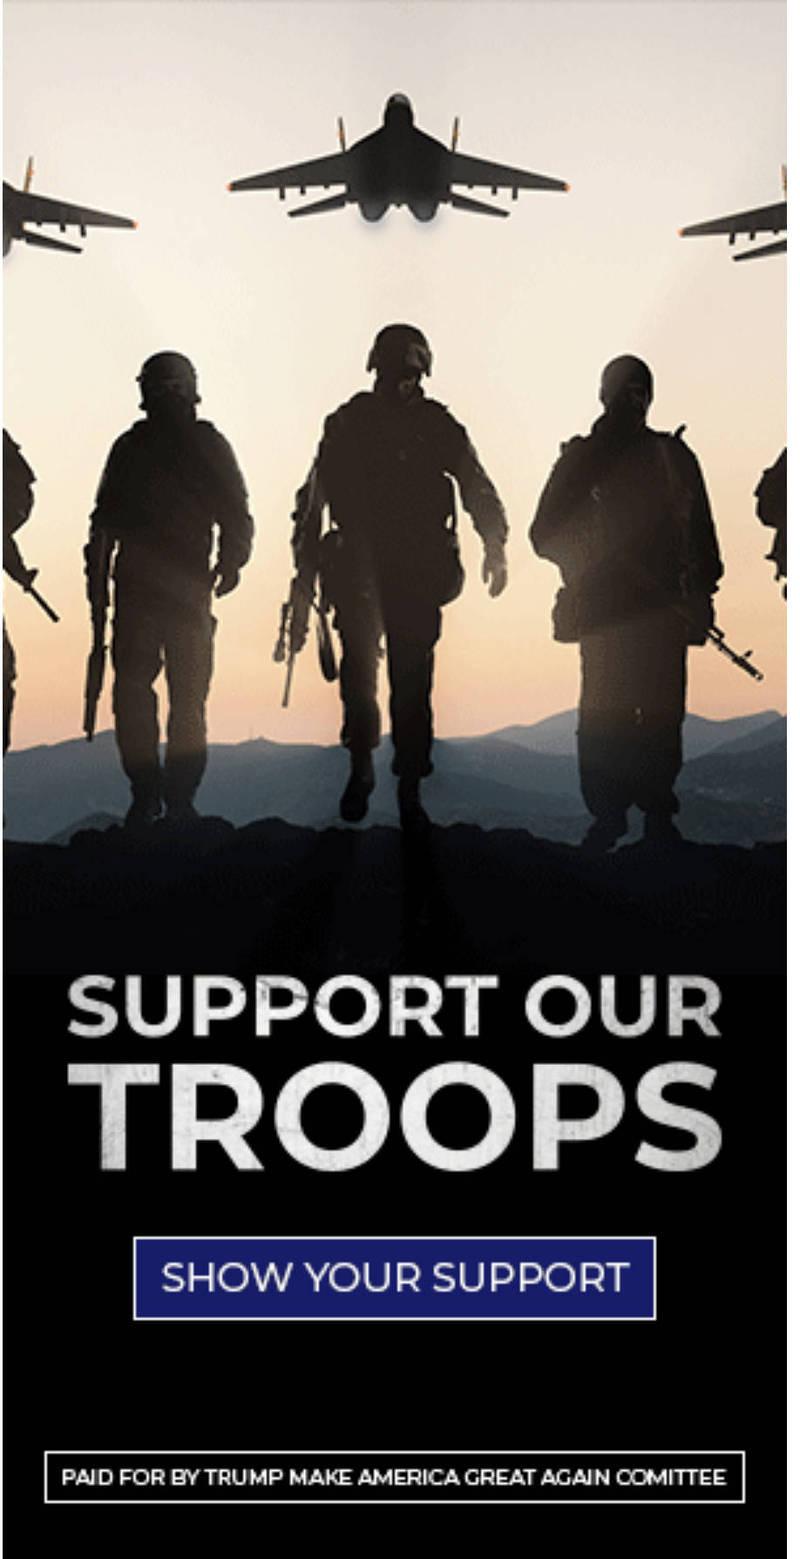 美國總統川普競選團隊日前刊登廣告,呼籲人民支持美軍。沒想到,卻被專家指出該海報背景中的軍機並非美國軍機,而是俄羅斯軍機的照片。(擷取自推特)